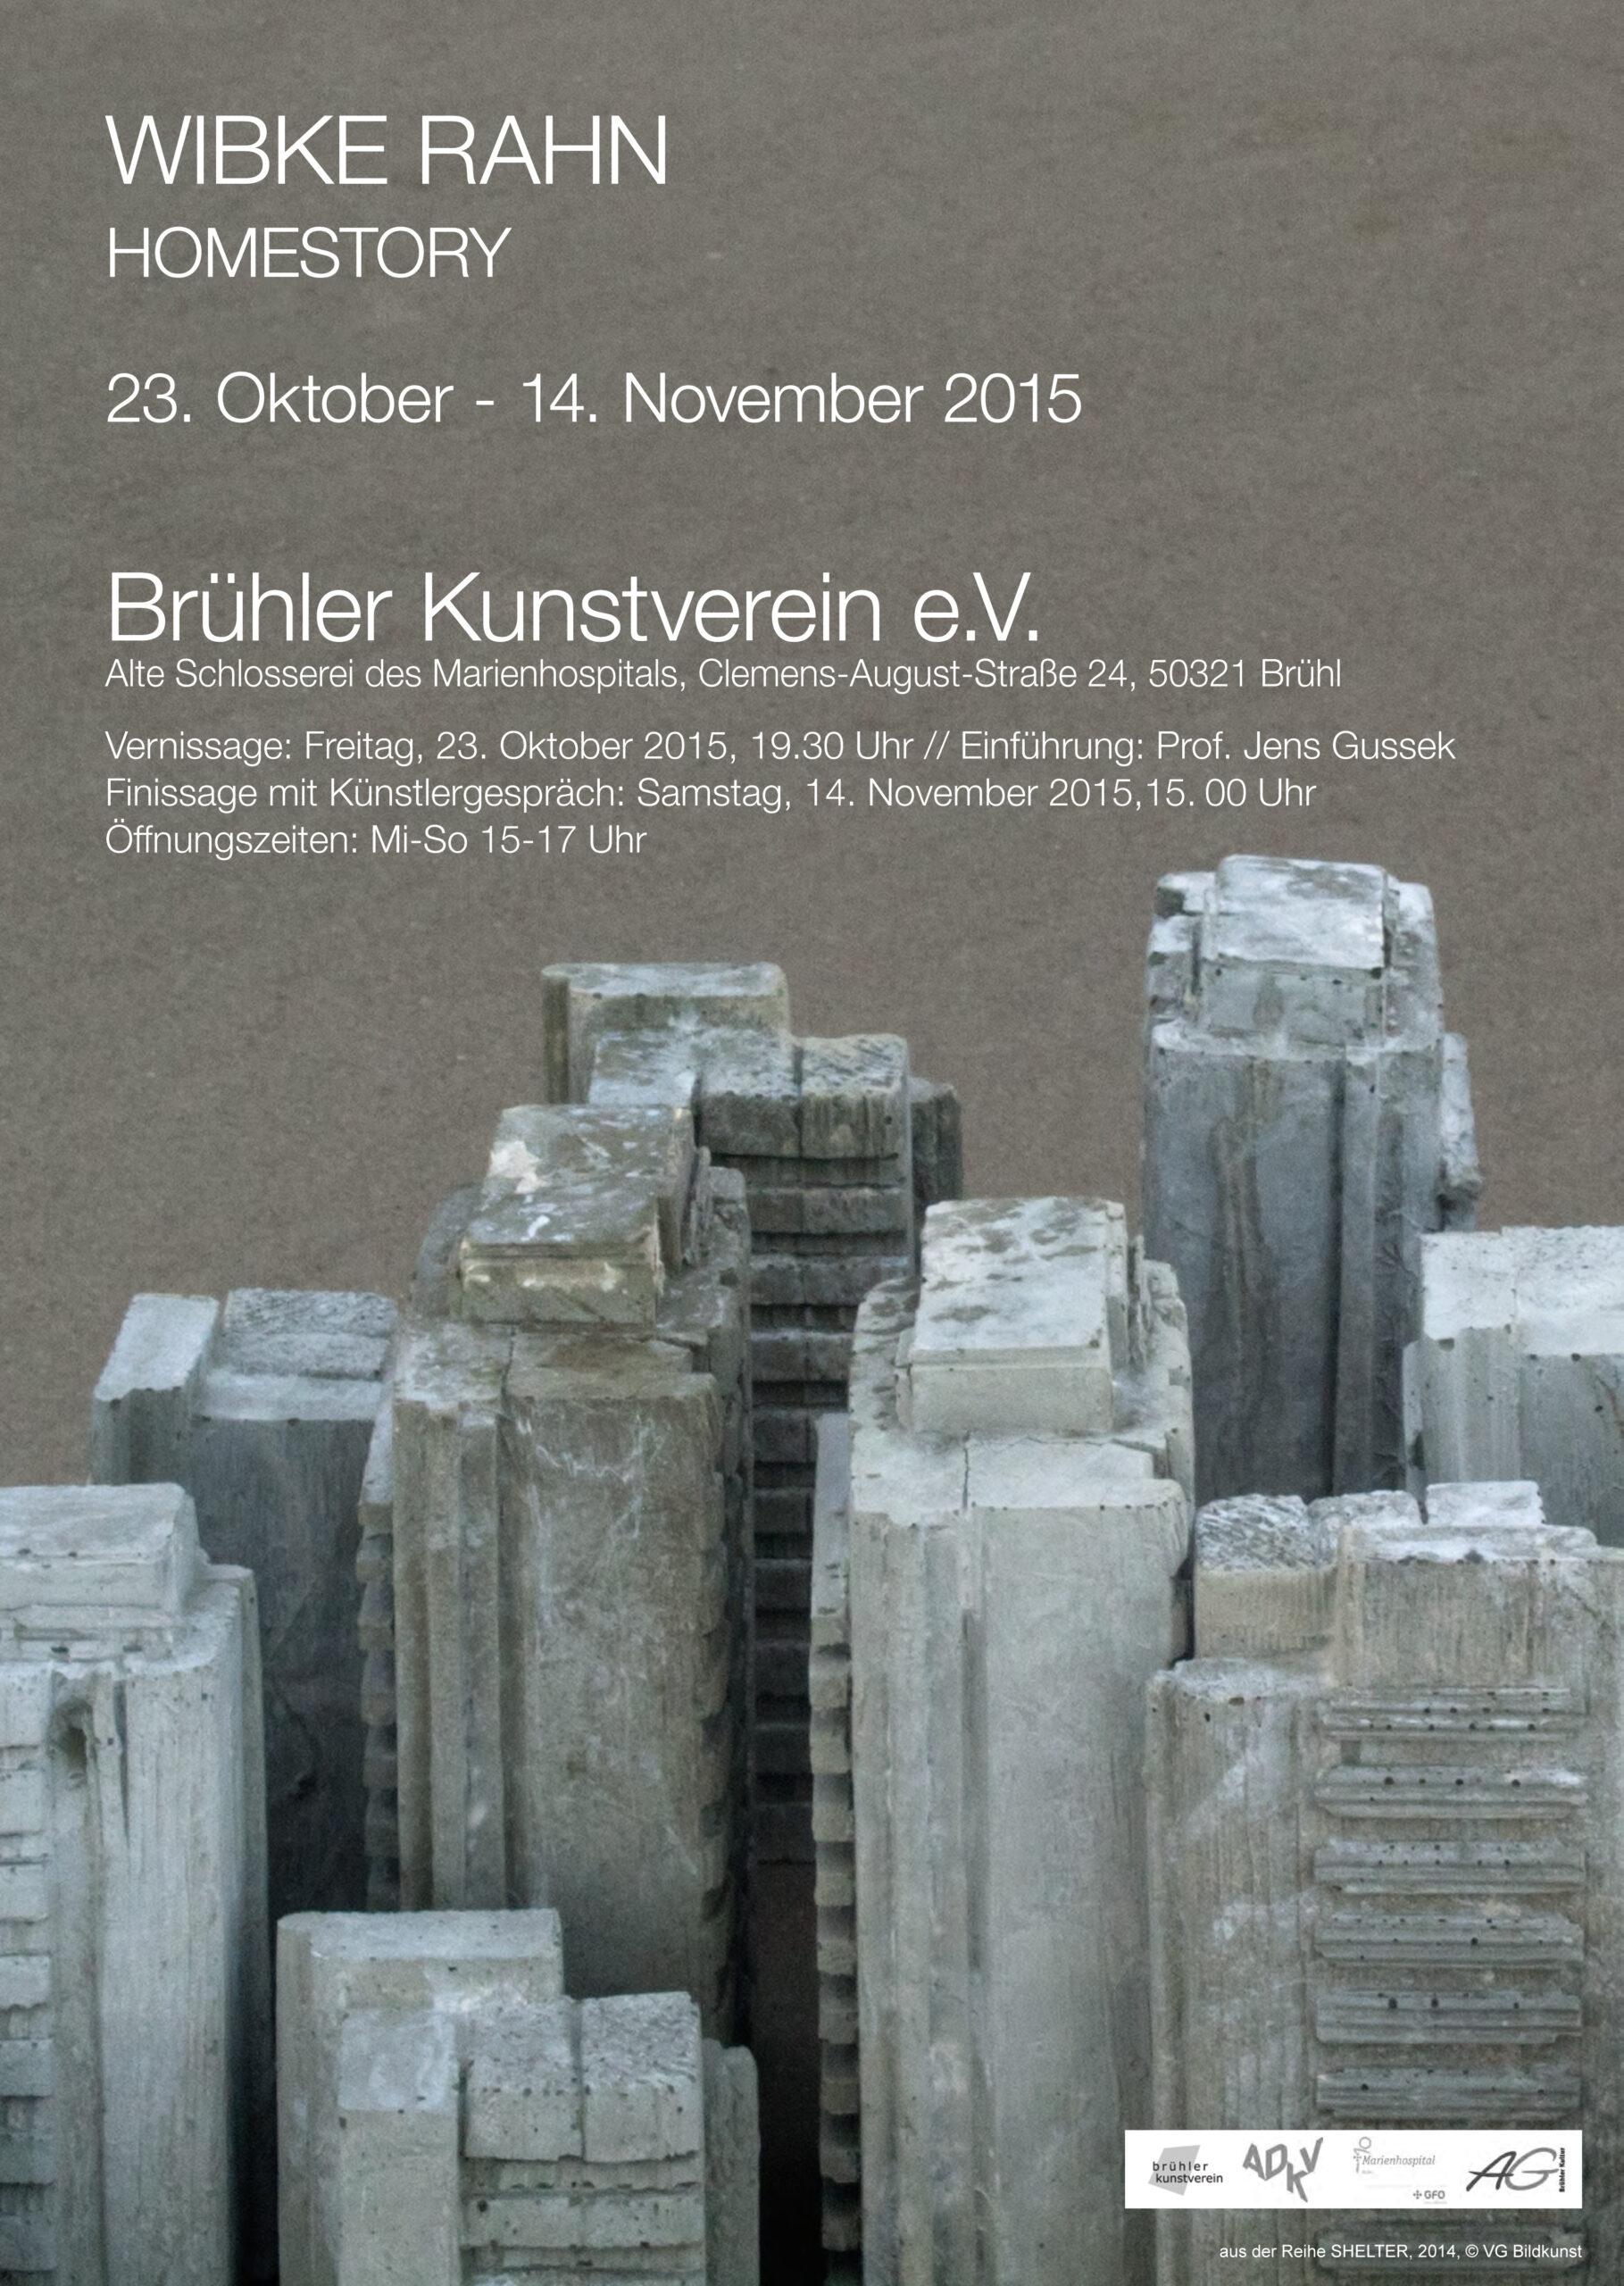 Einladung zur Ausstellung Homestory Brühler Kunstverein